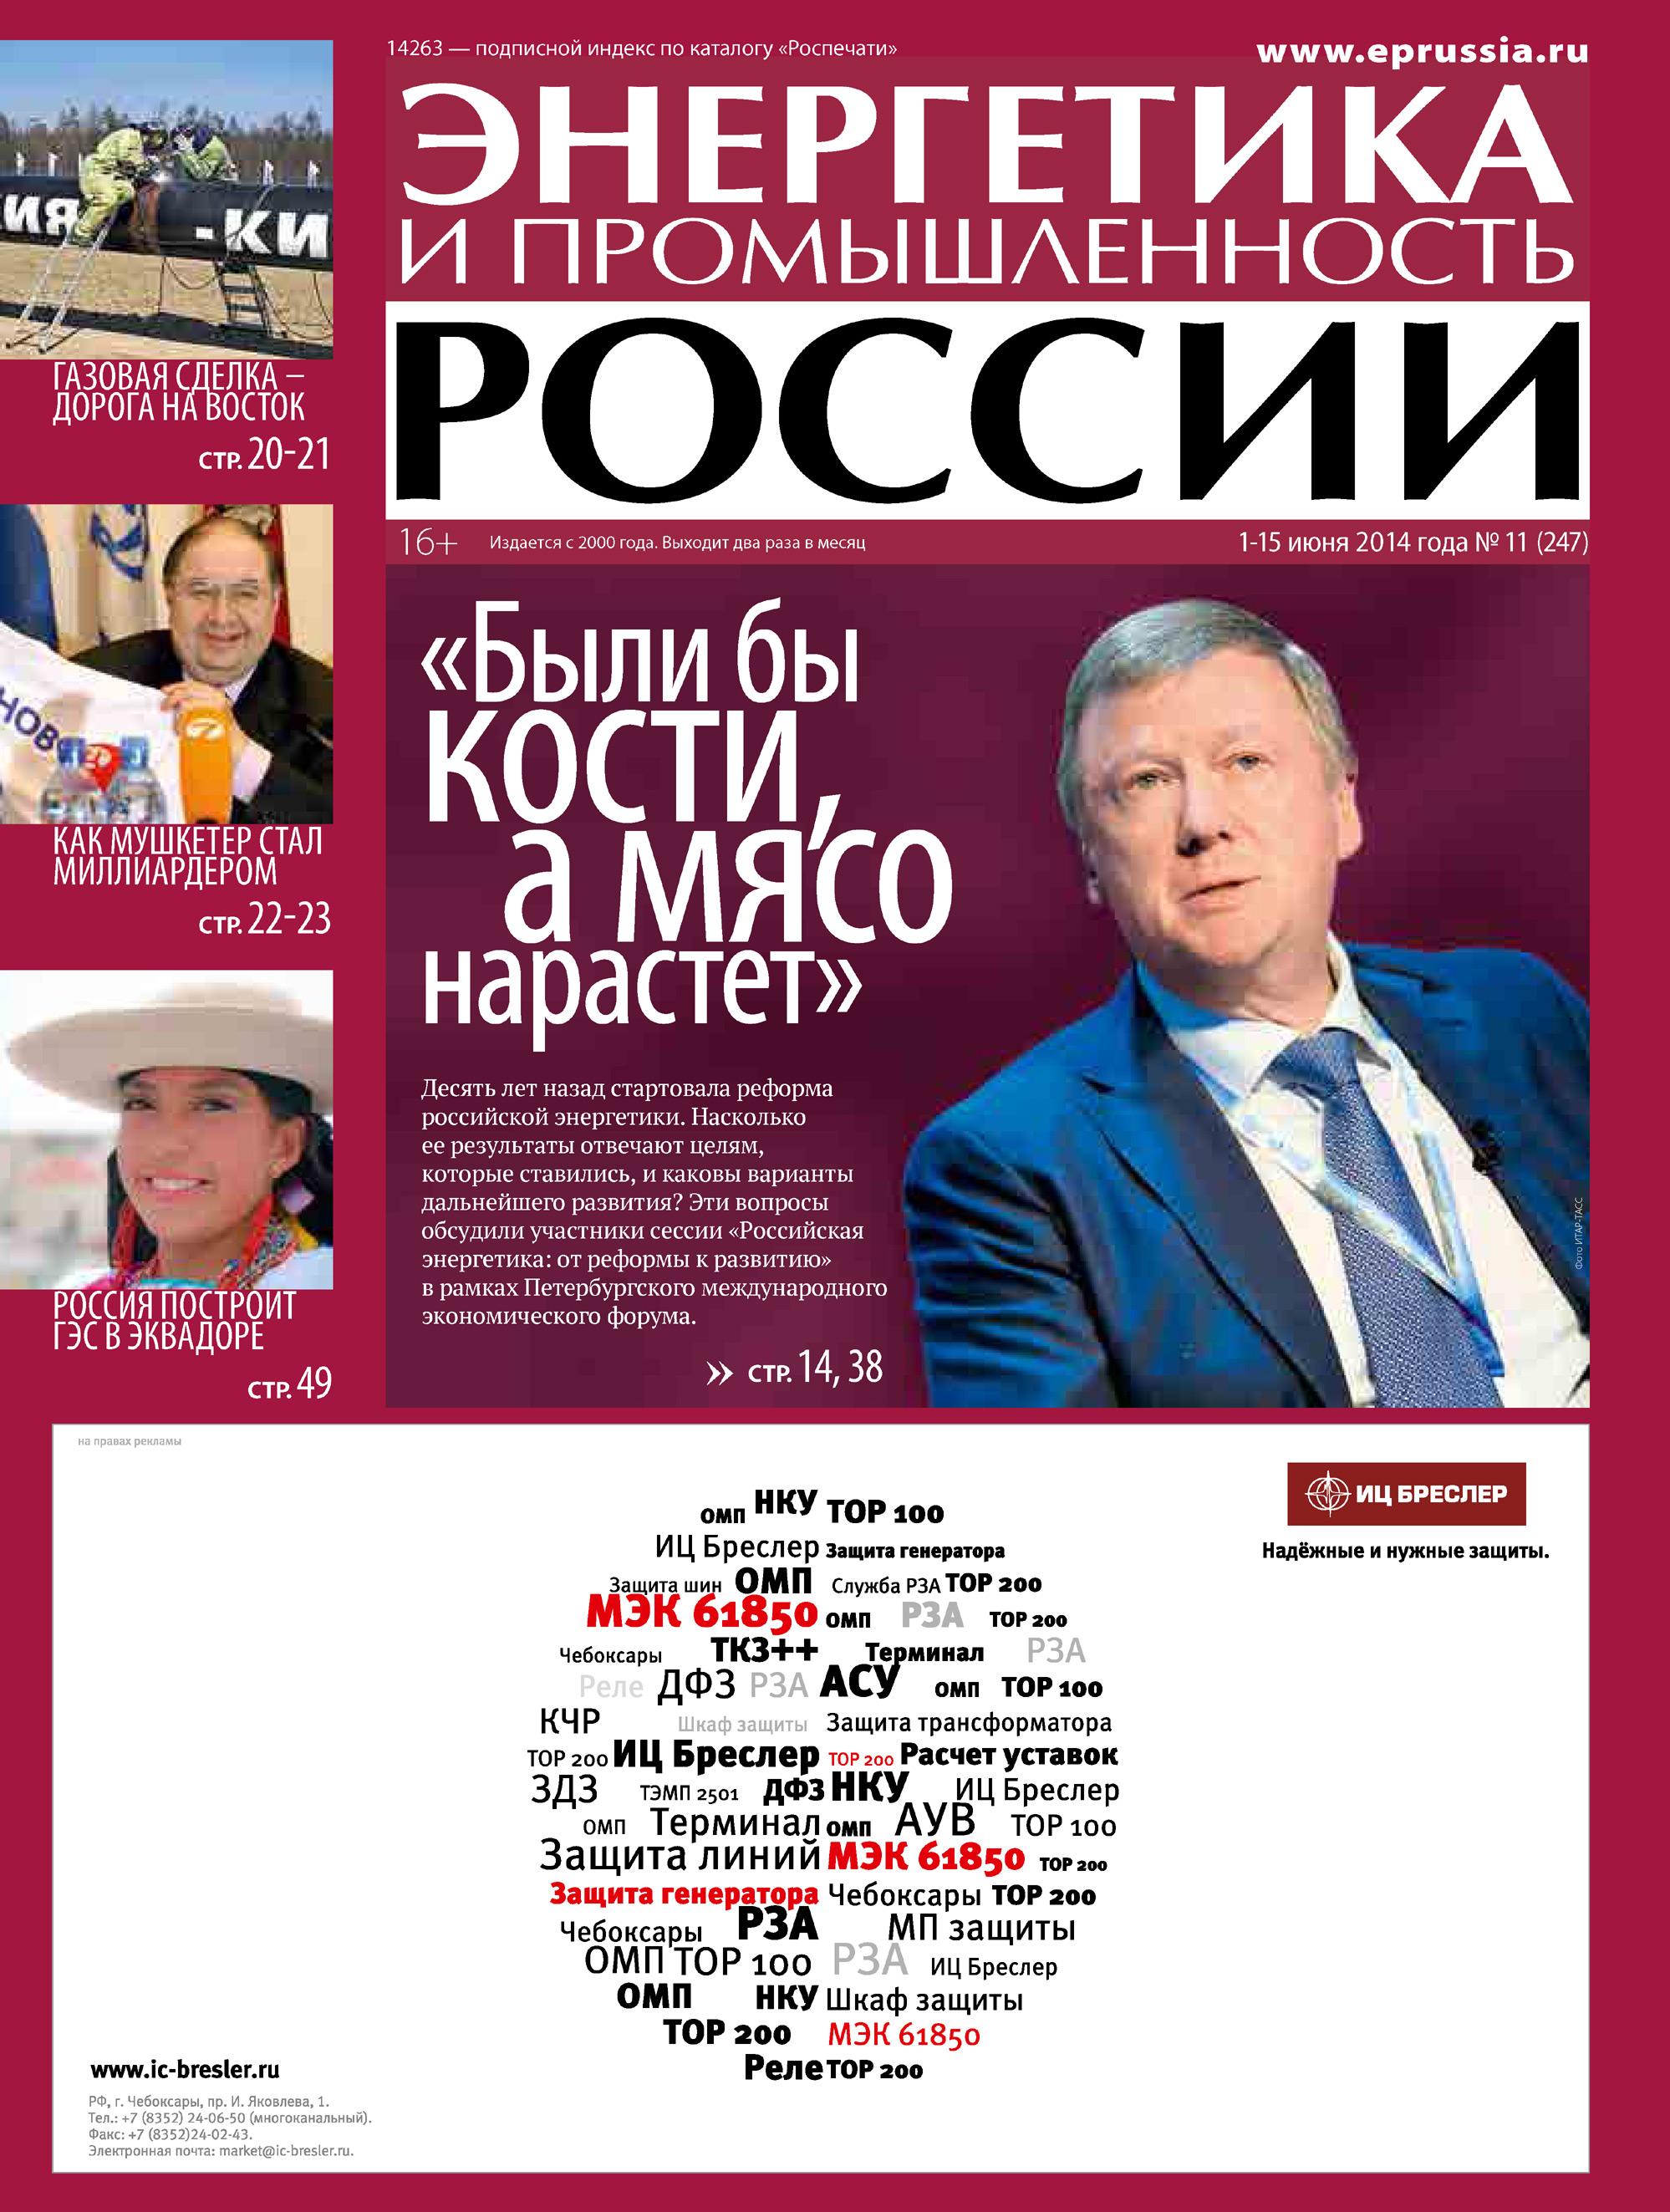 Энергетика и промышленность России №11 2014